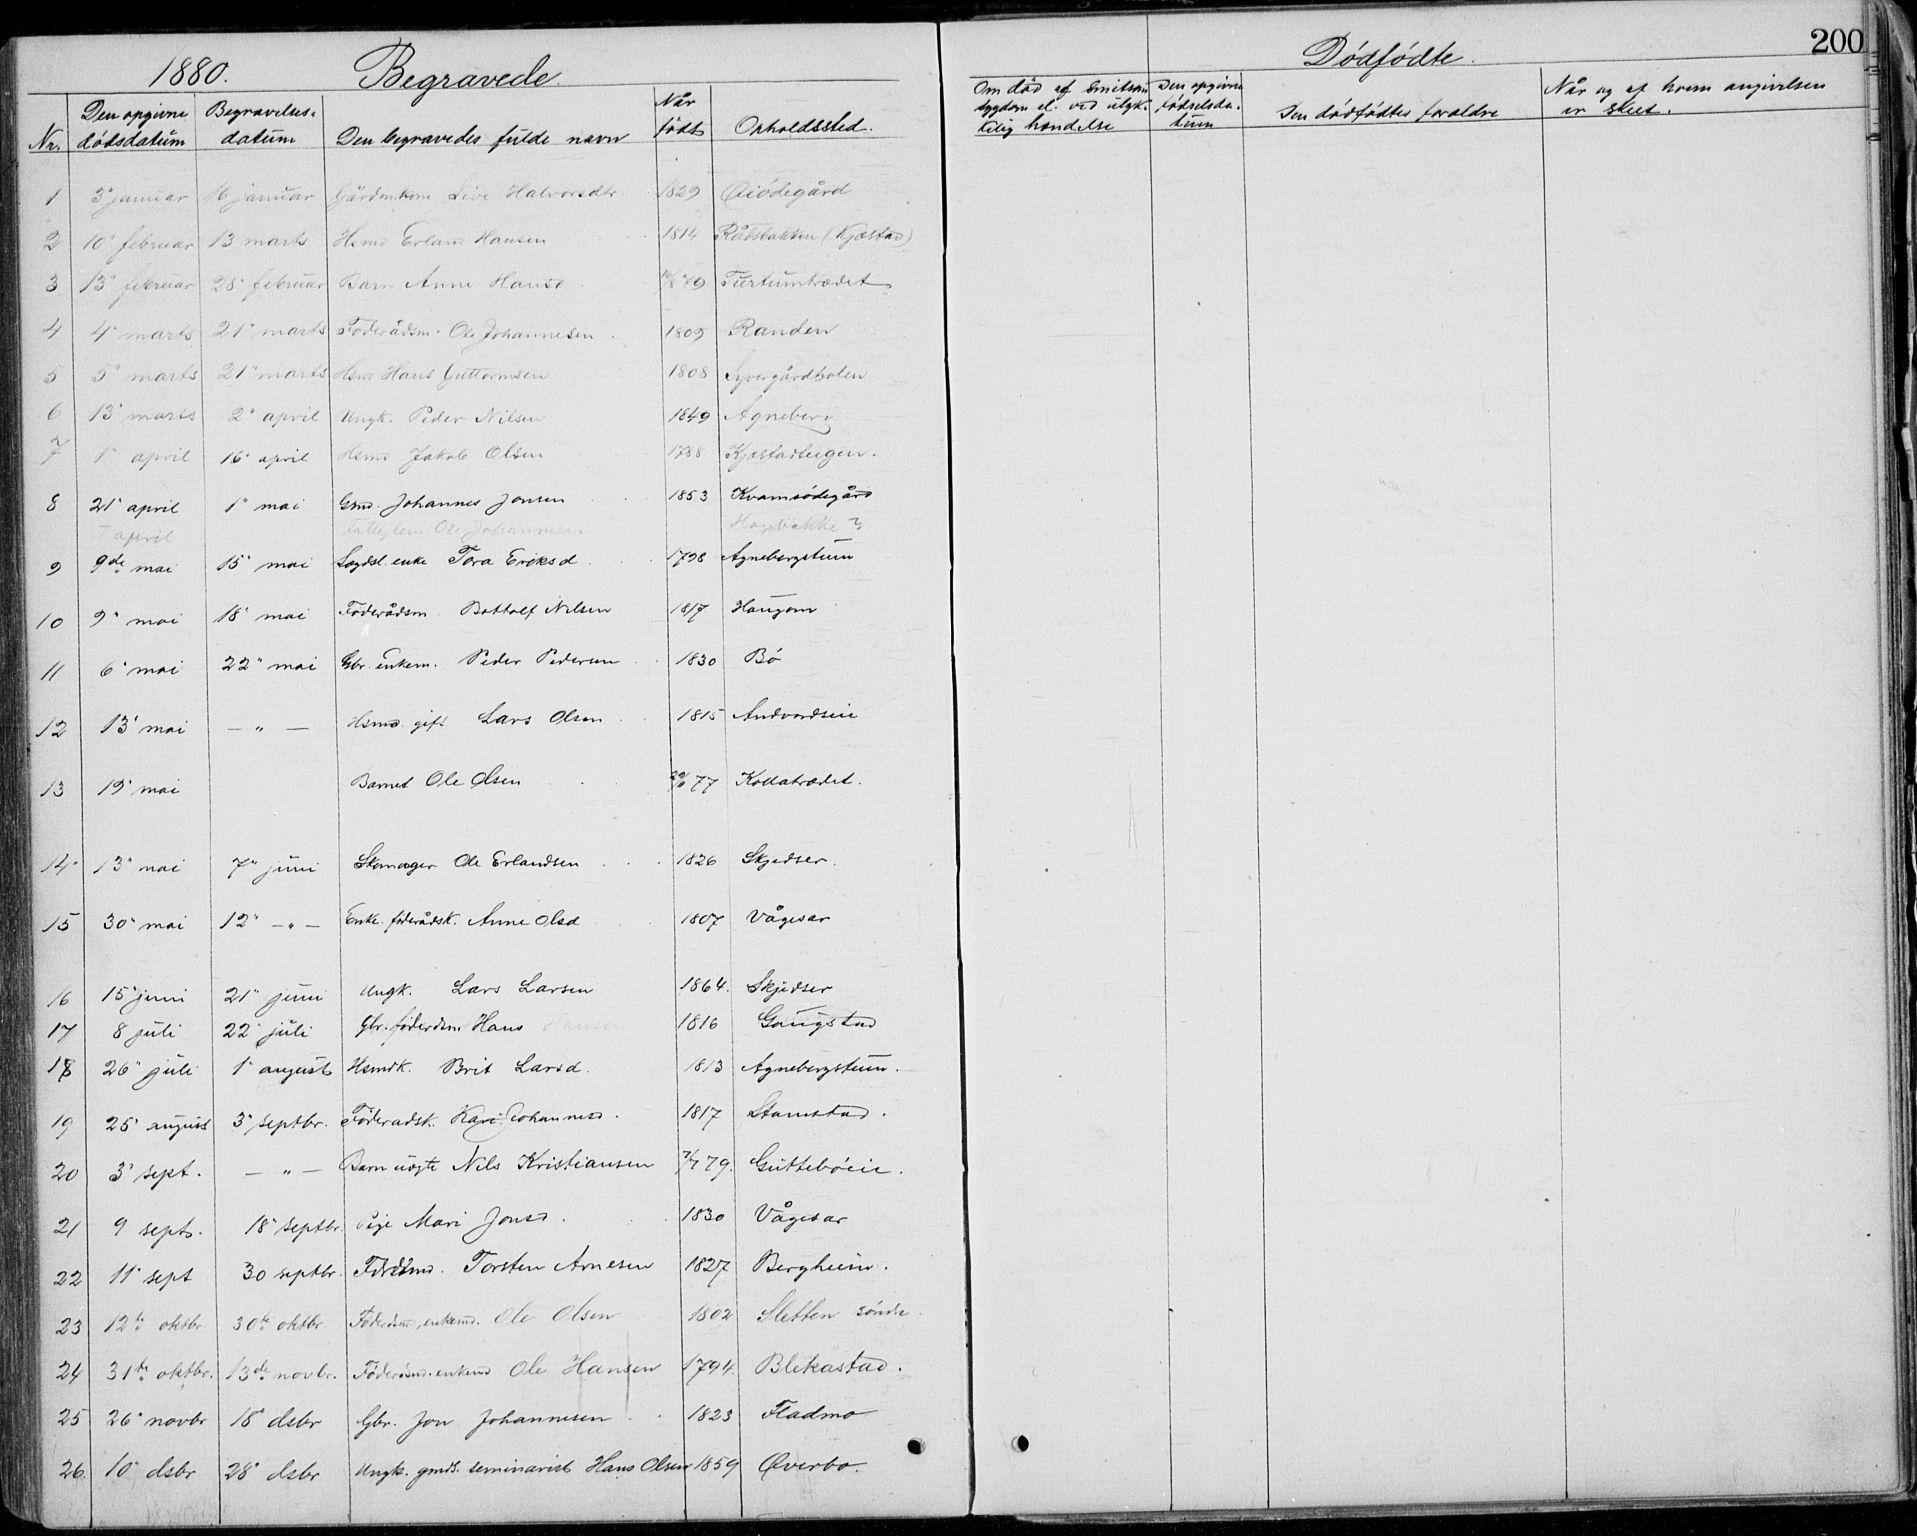 SAH, Lom prestekontor, L/L0013: Klokkerbok nr. 13, 1874-1938, s. 200